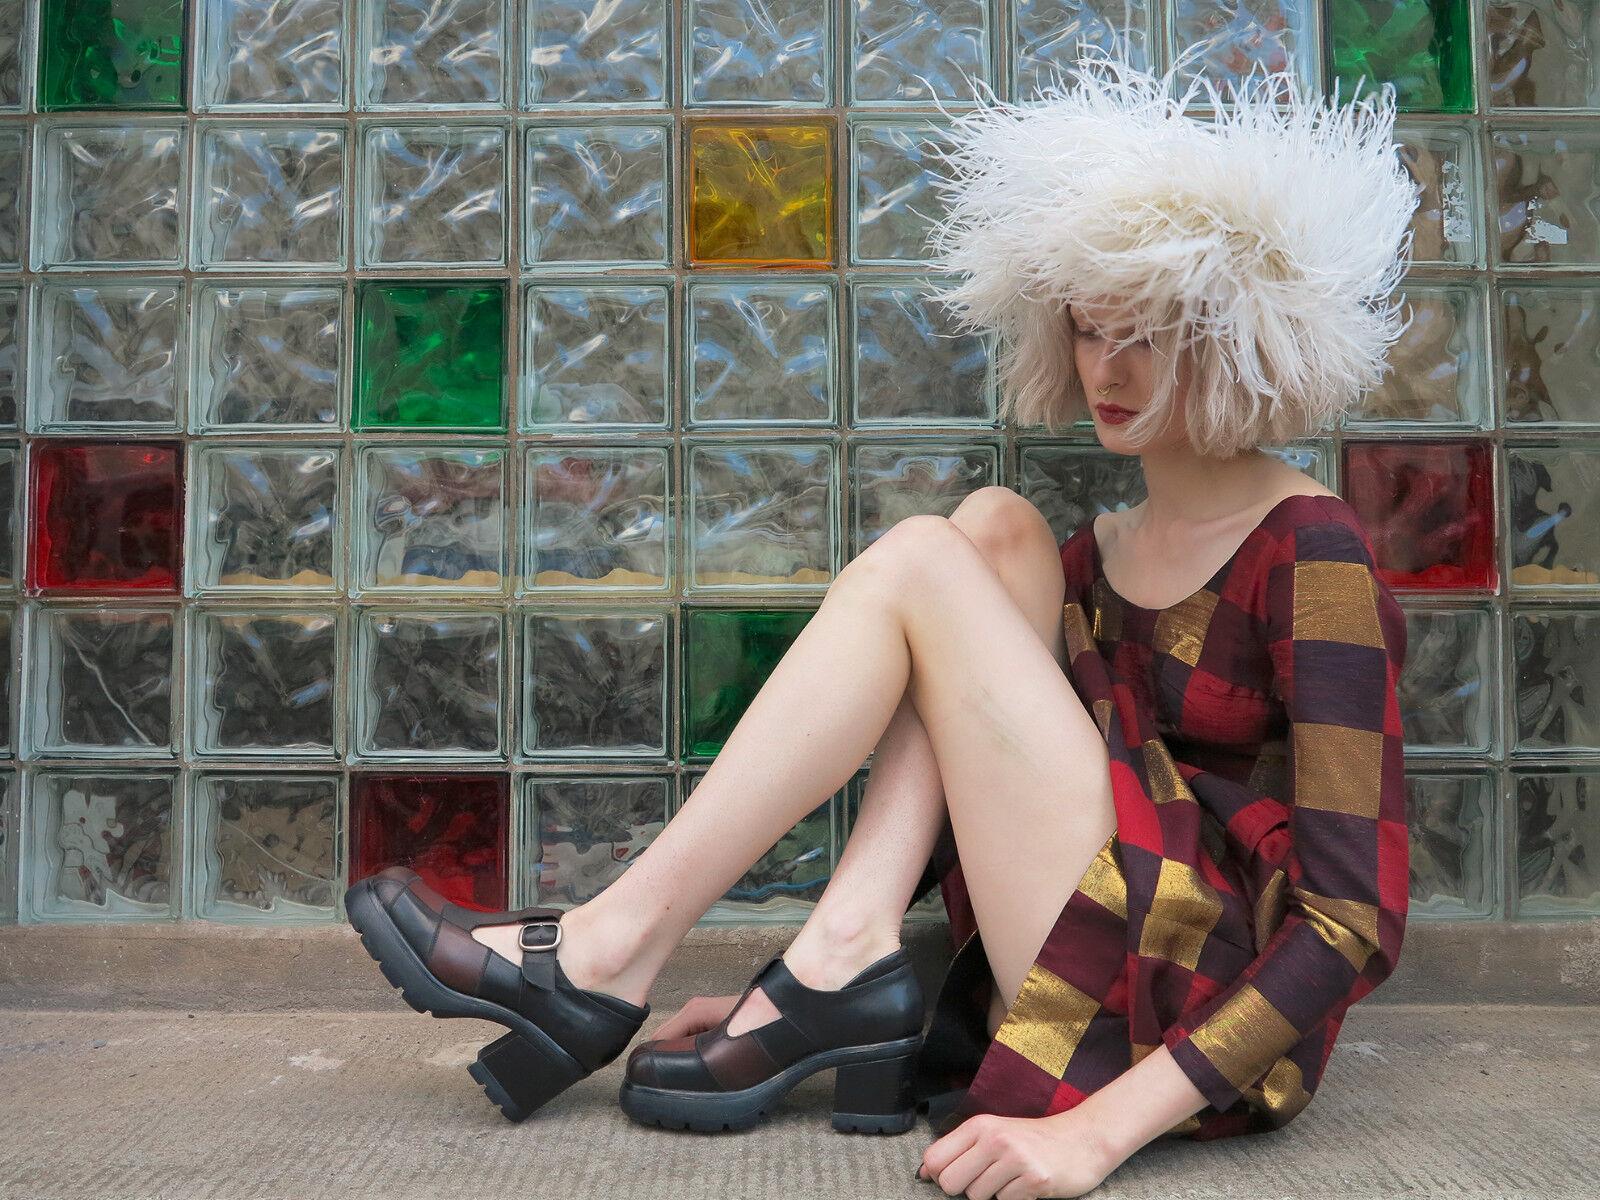 Andiamo plataforma zapatos zapato zapato zapato bajo mocasines talla 41 nos 90er True vintage 90s zapatos  en venta en línea